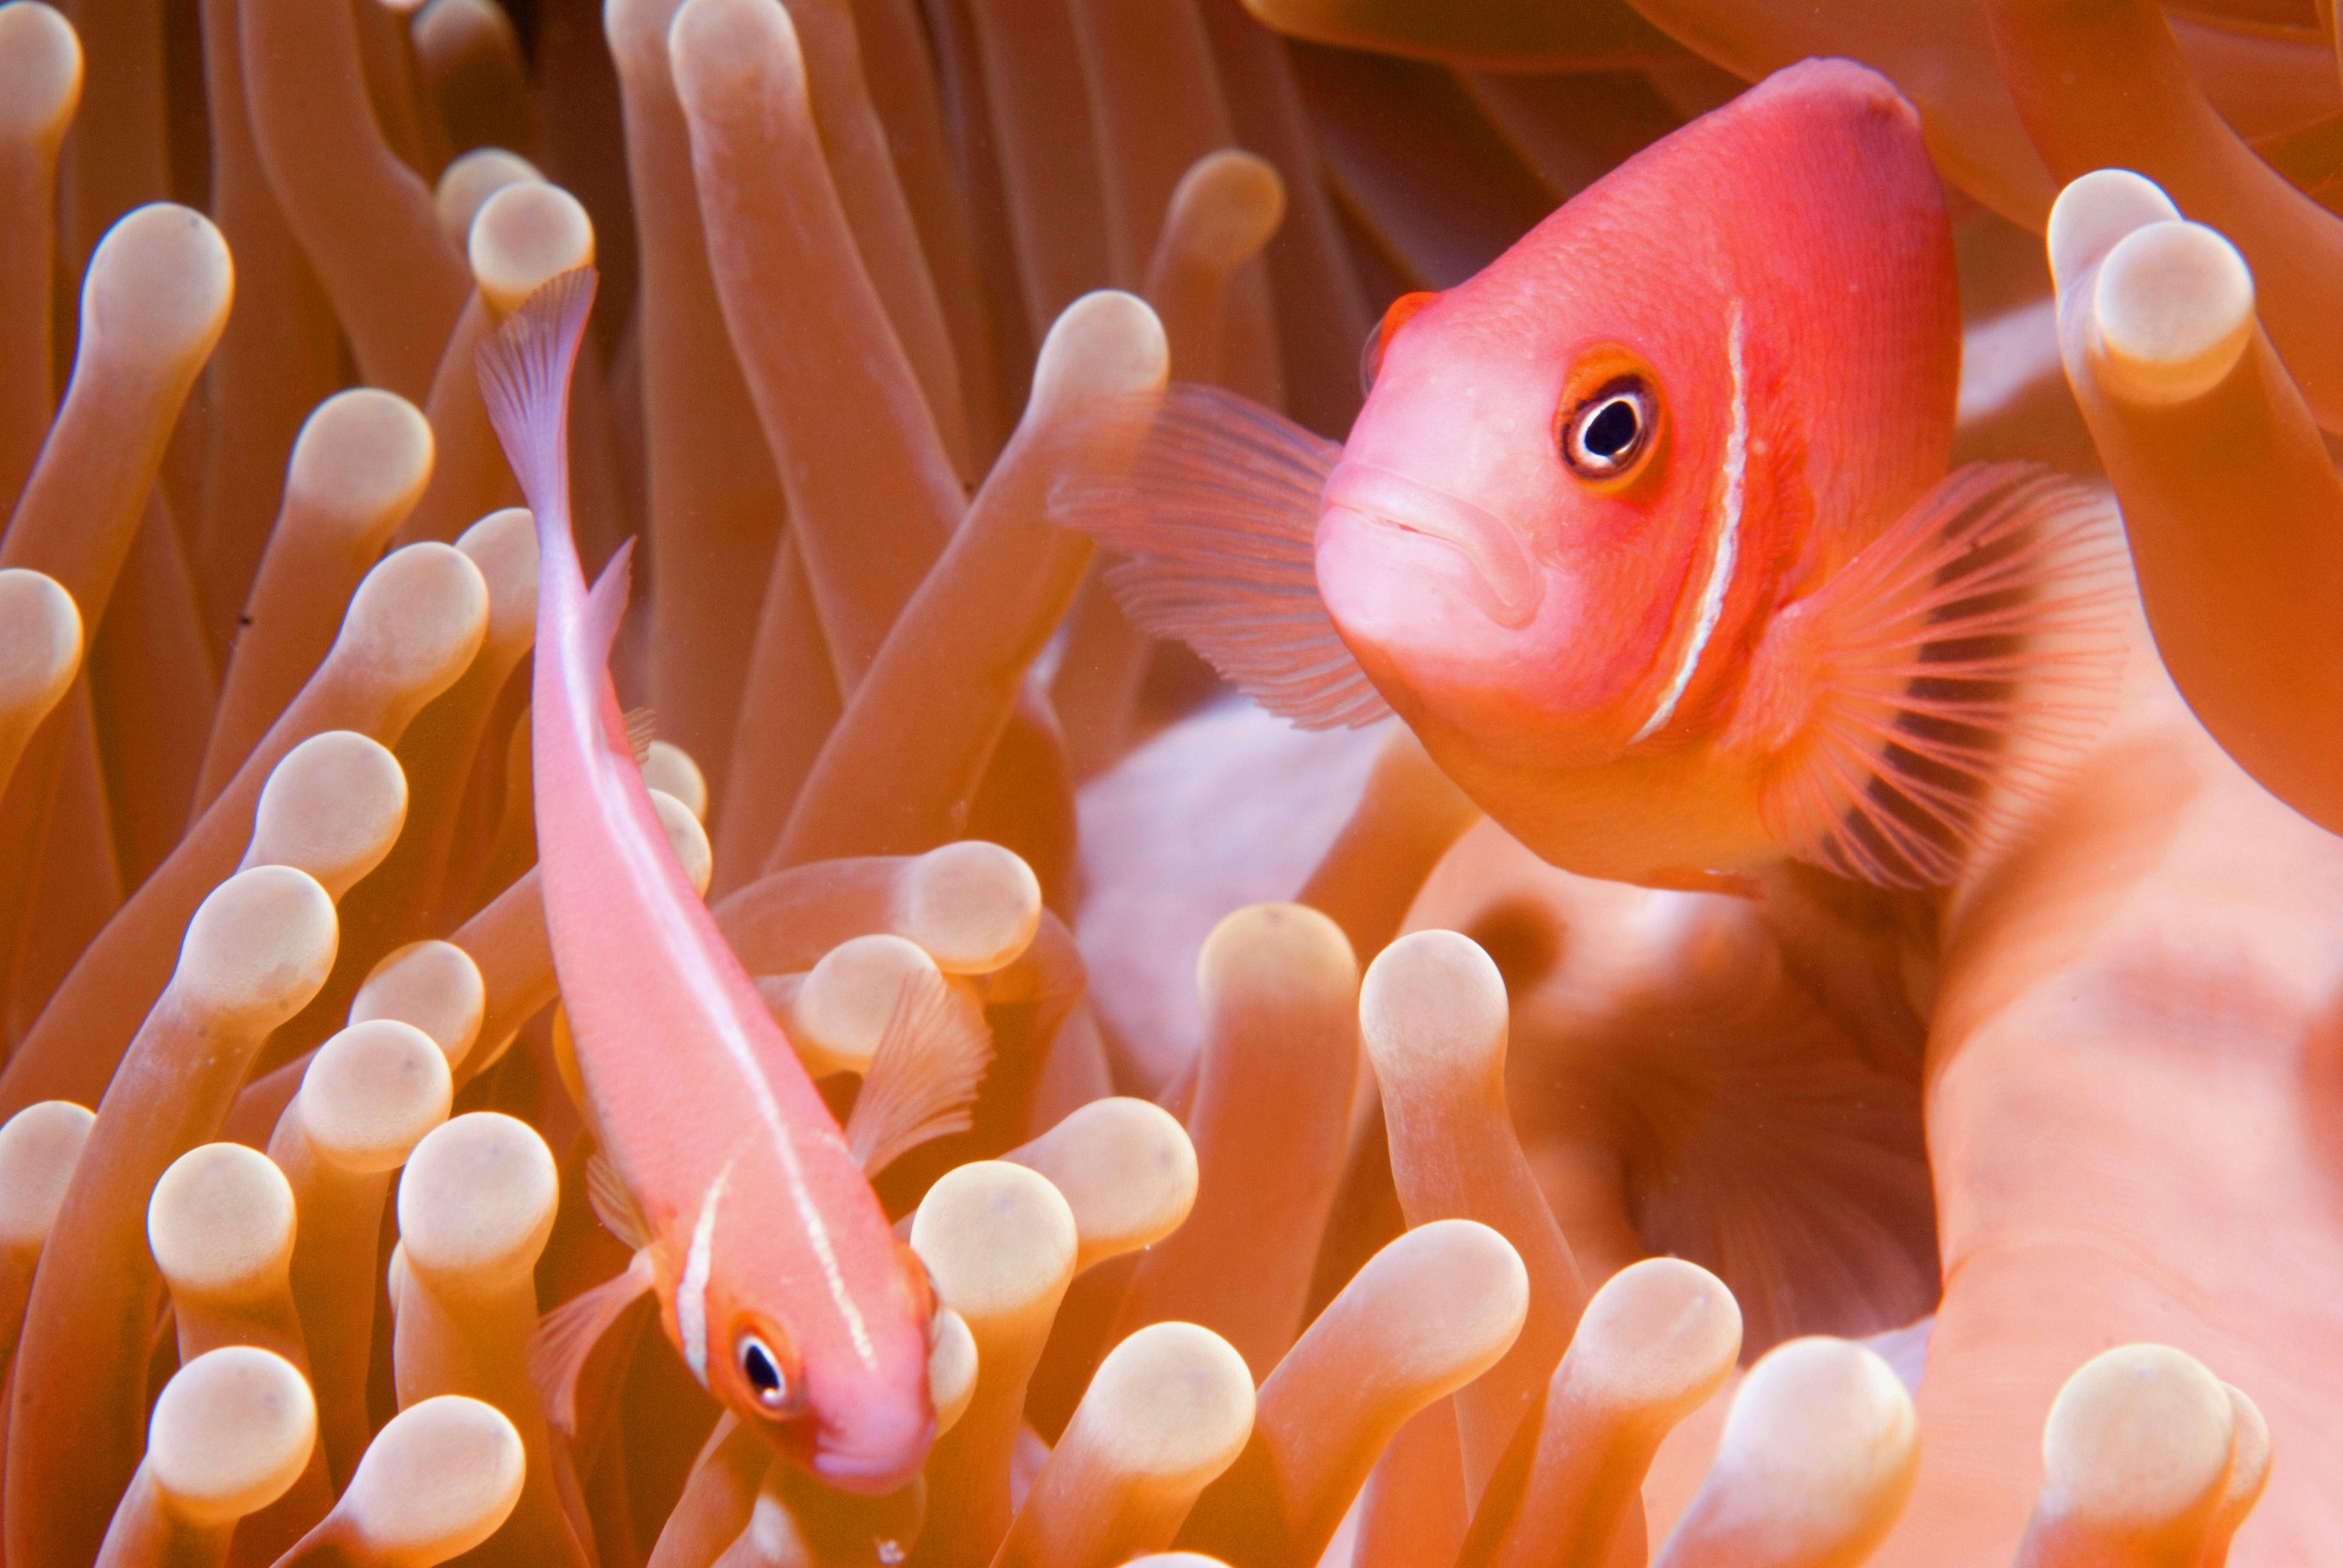 Clown fish in Truk Lagoon, Micronesia